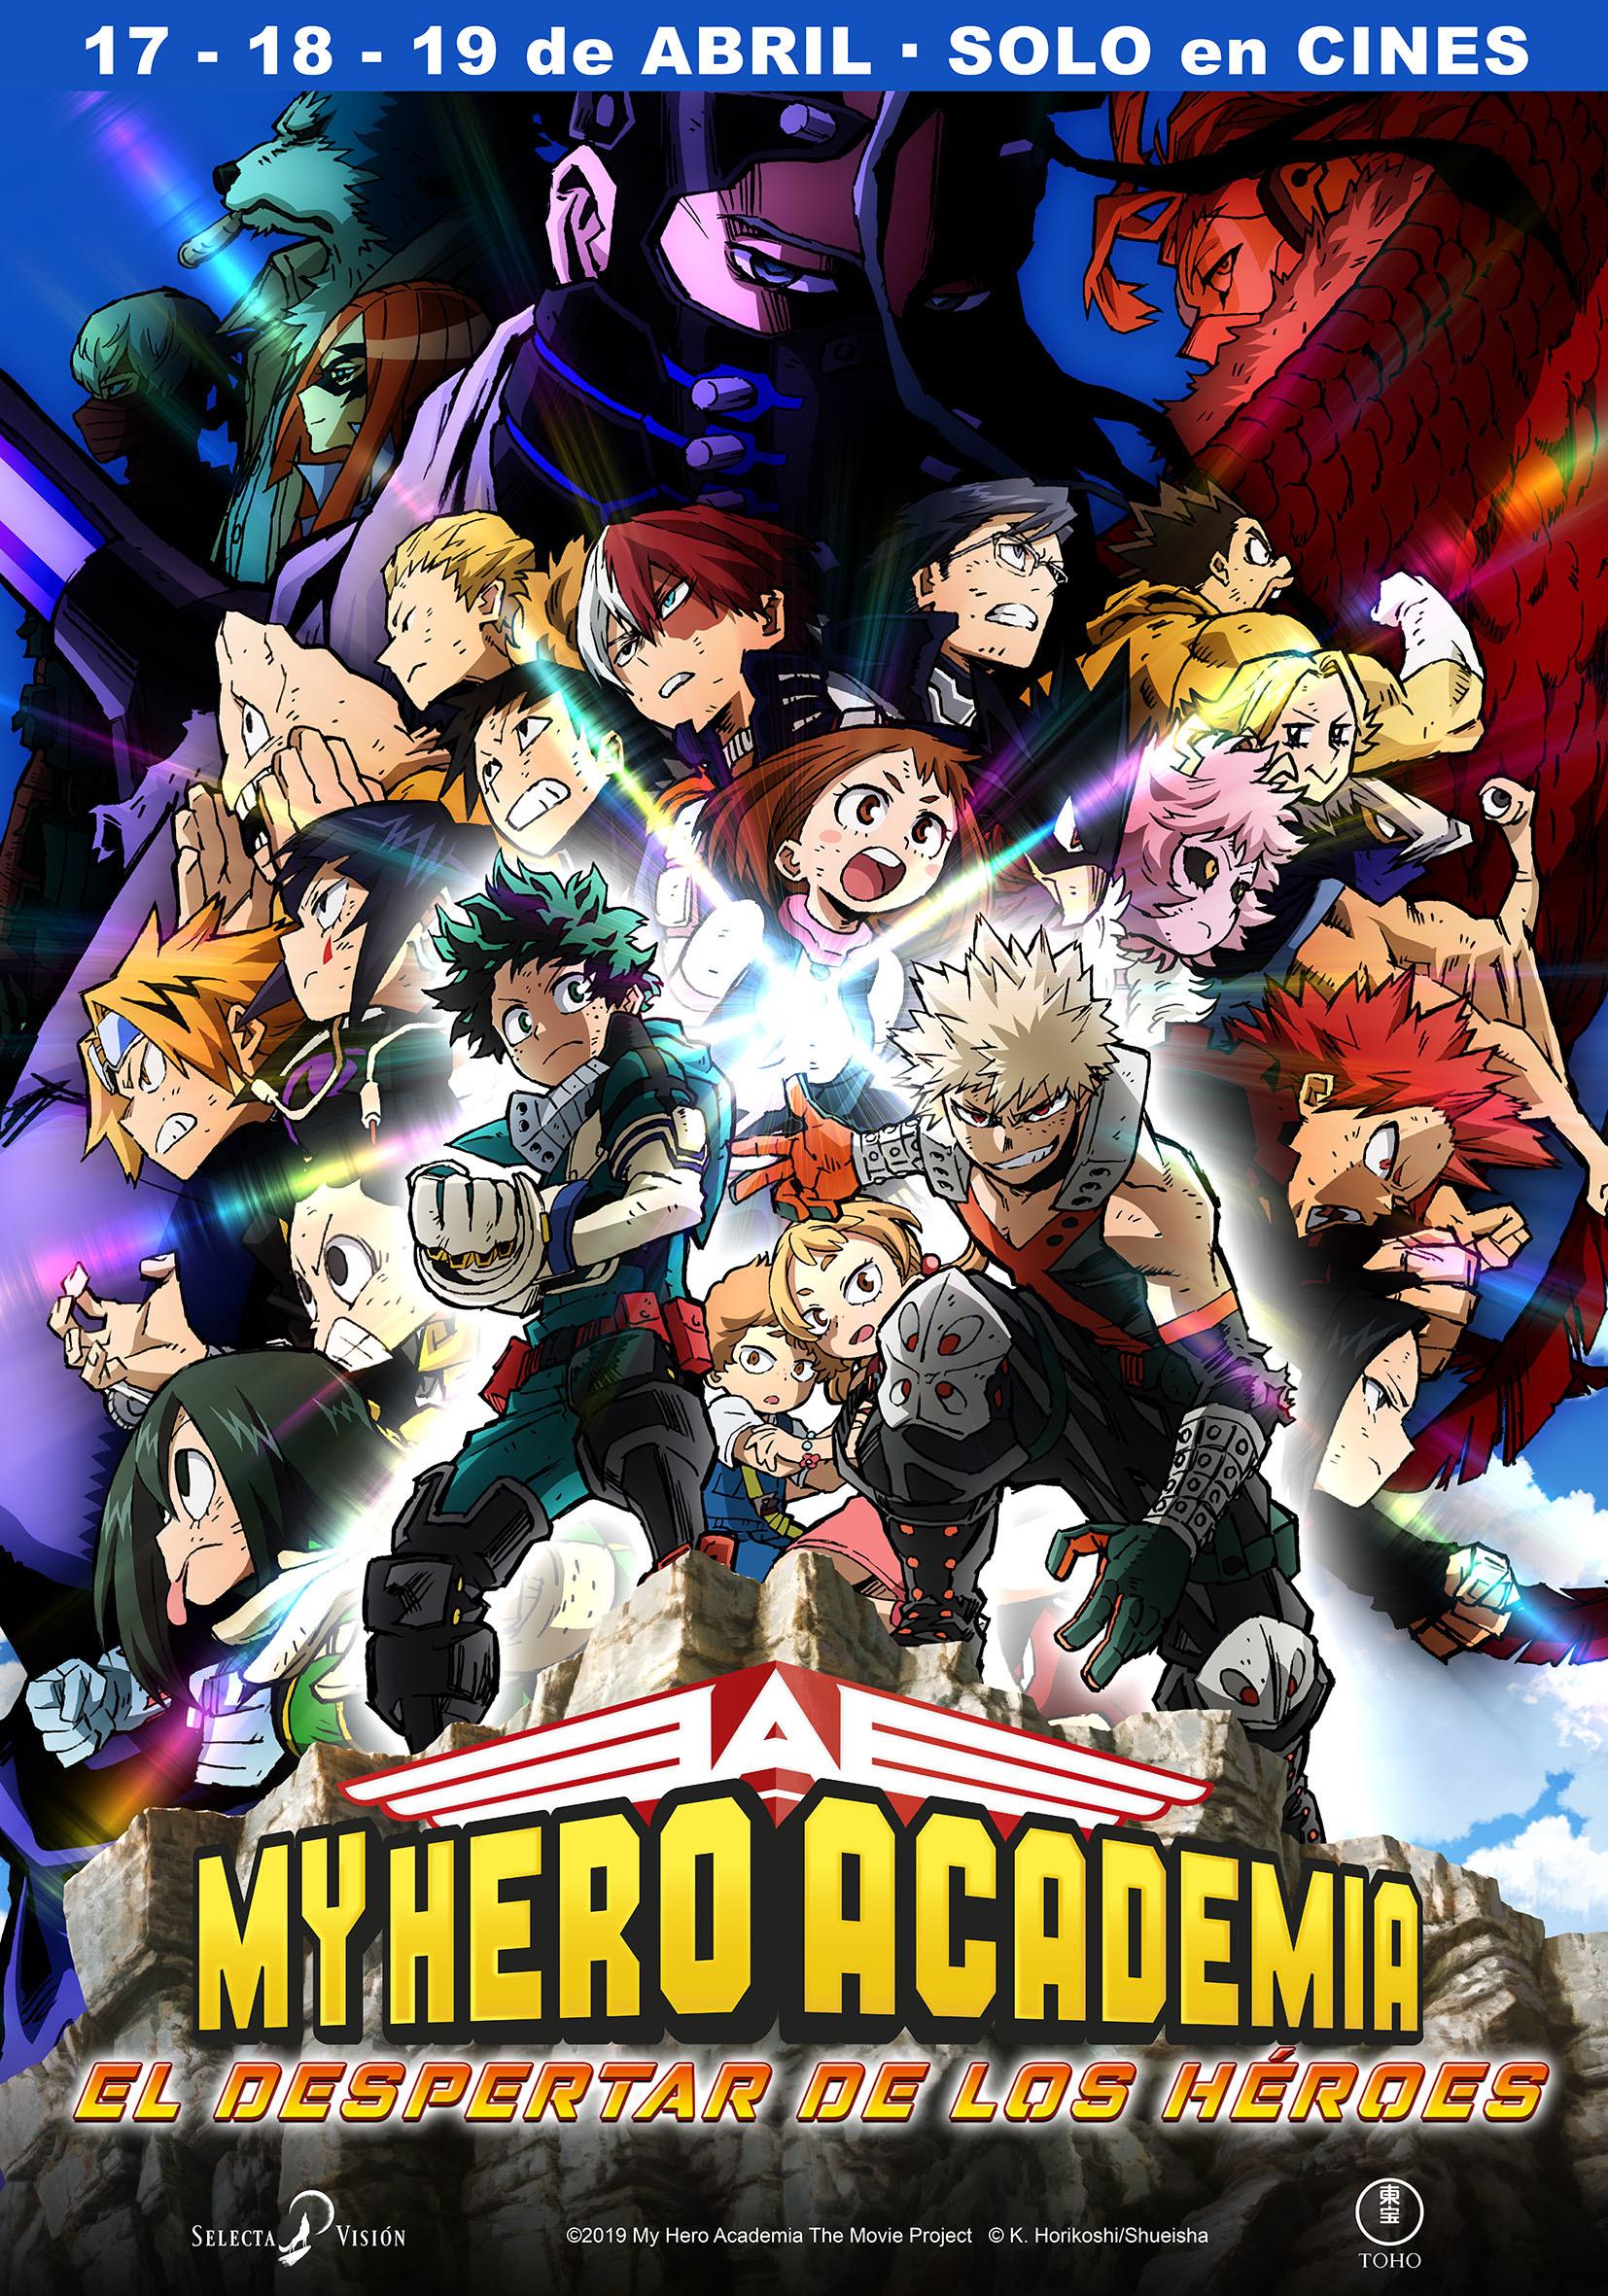 Cartel de My Hero Academia: El despertar de los héroes